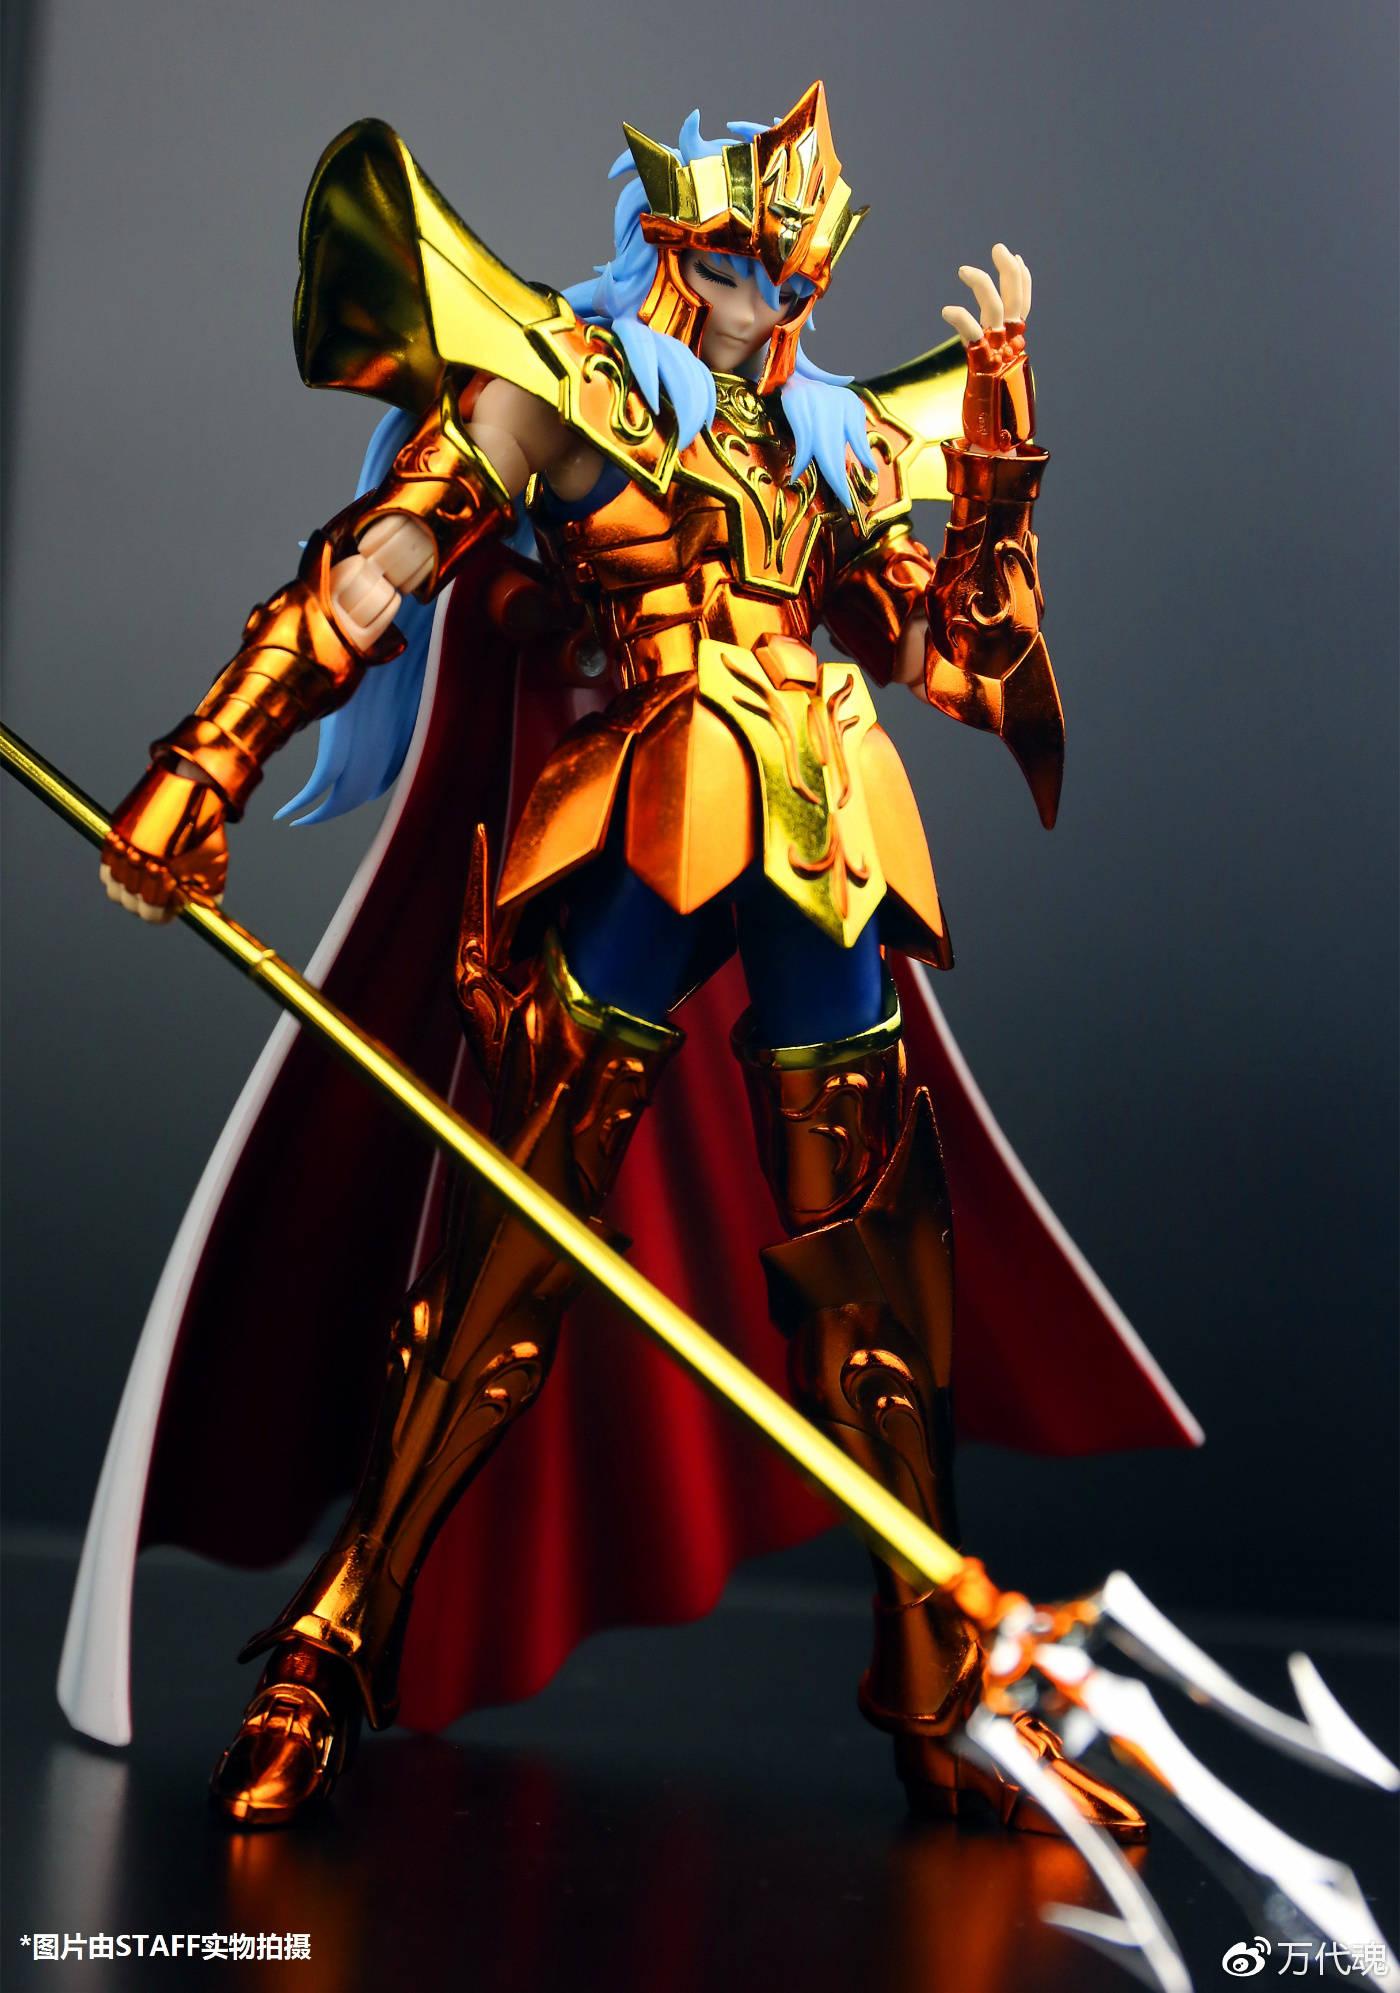 [Comentários] Saint Cloth Myth EX - Poseidon EX & Poseidon EX Imperial Throne Set - Página 2 601nYdf5_o